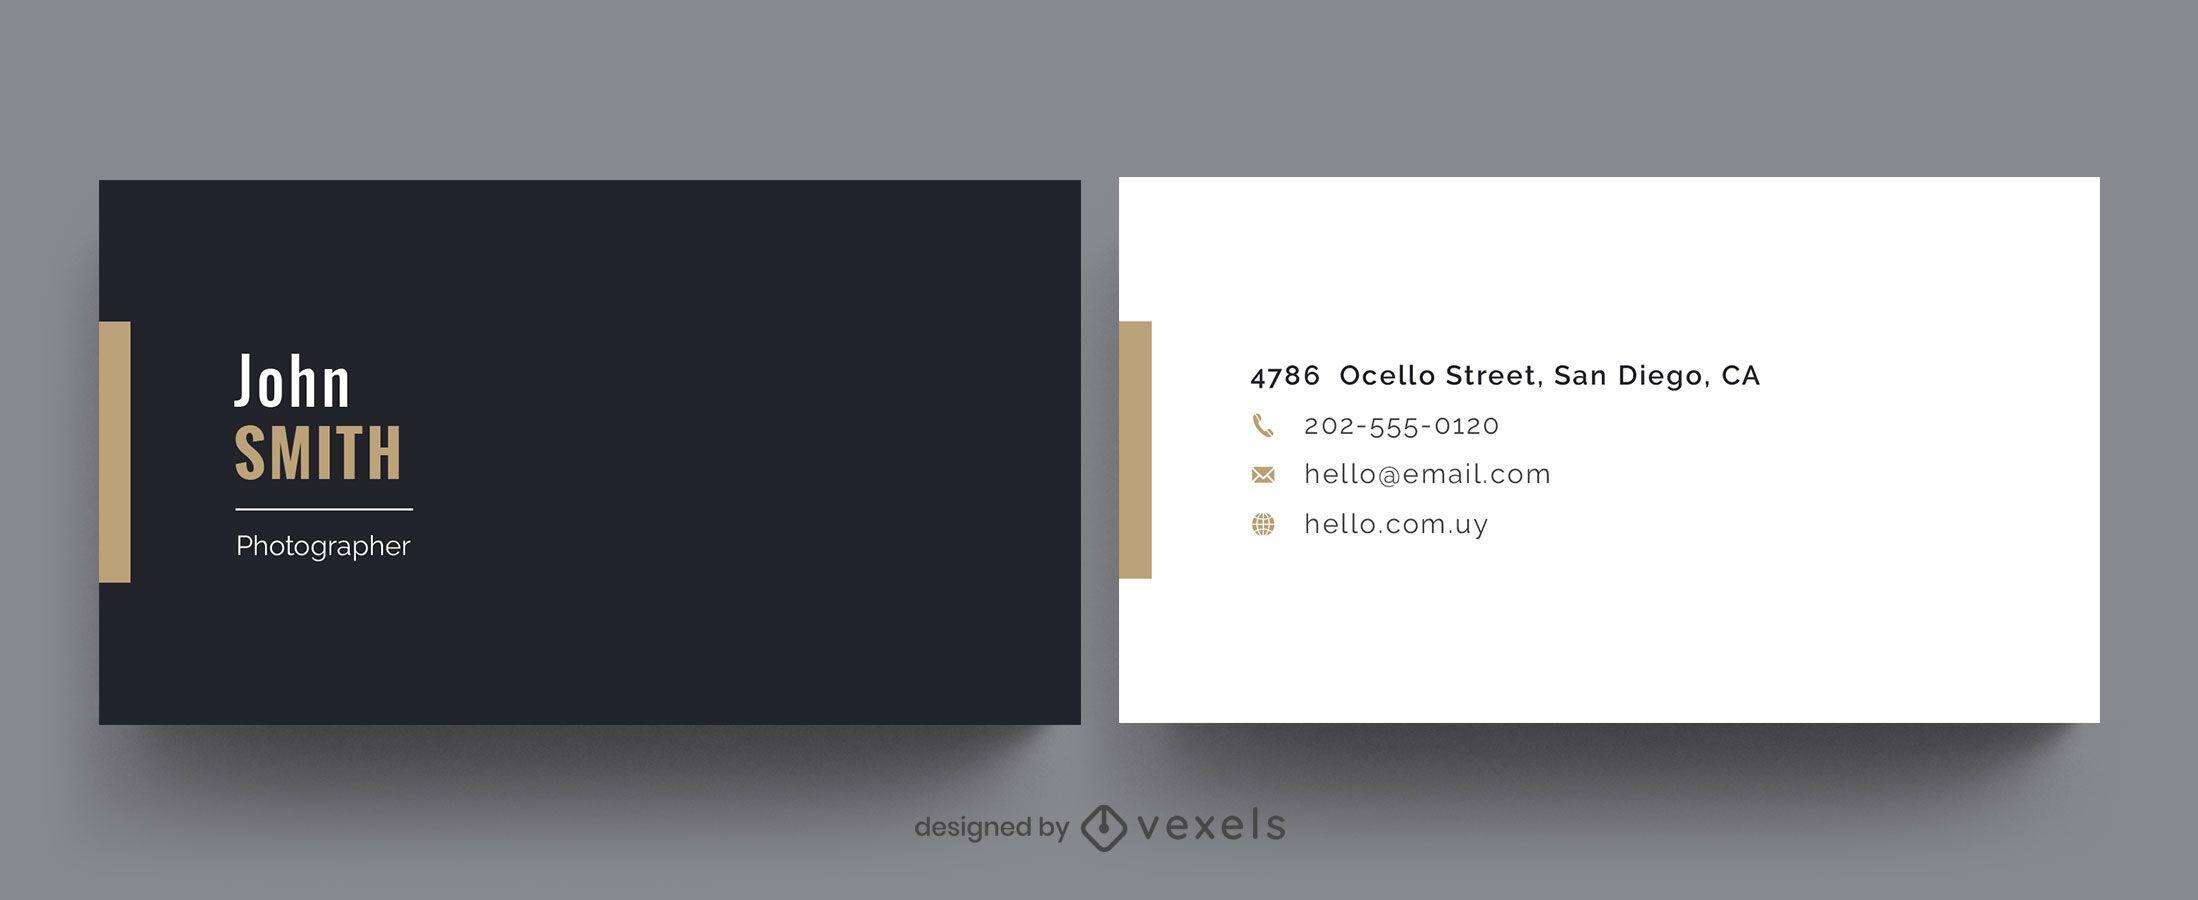 Einfaches Design der professionellen Visitenkarte